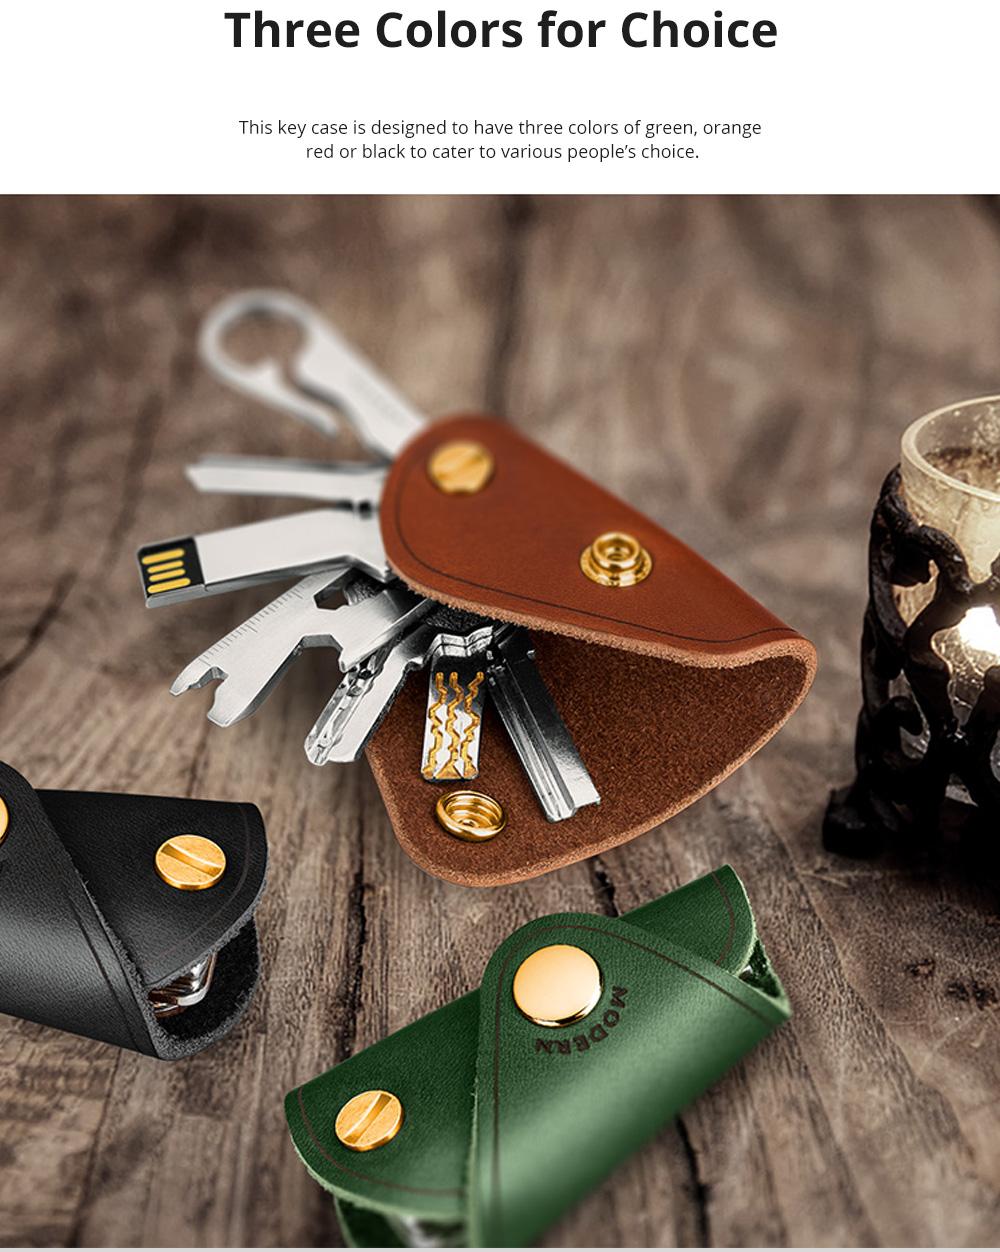 Retro Key Case for Key Storage Creative Real Cow Leather Key Storage Bag Soft Resilient Key Case Large Size Key Holder 6